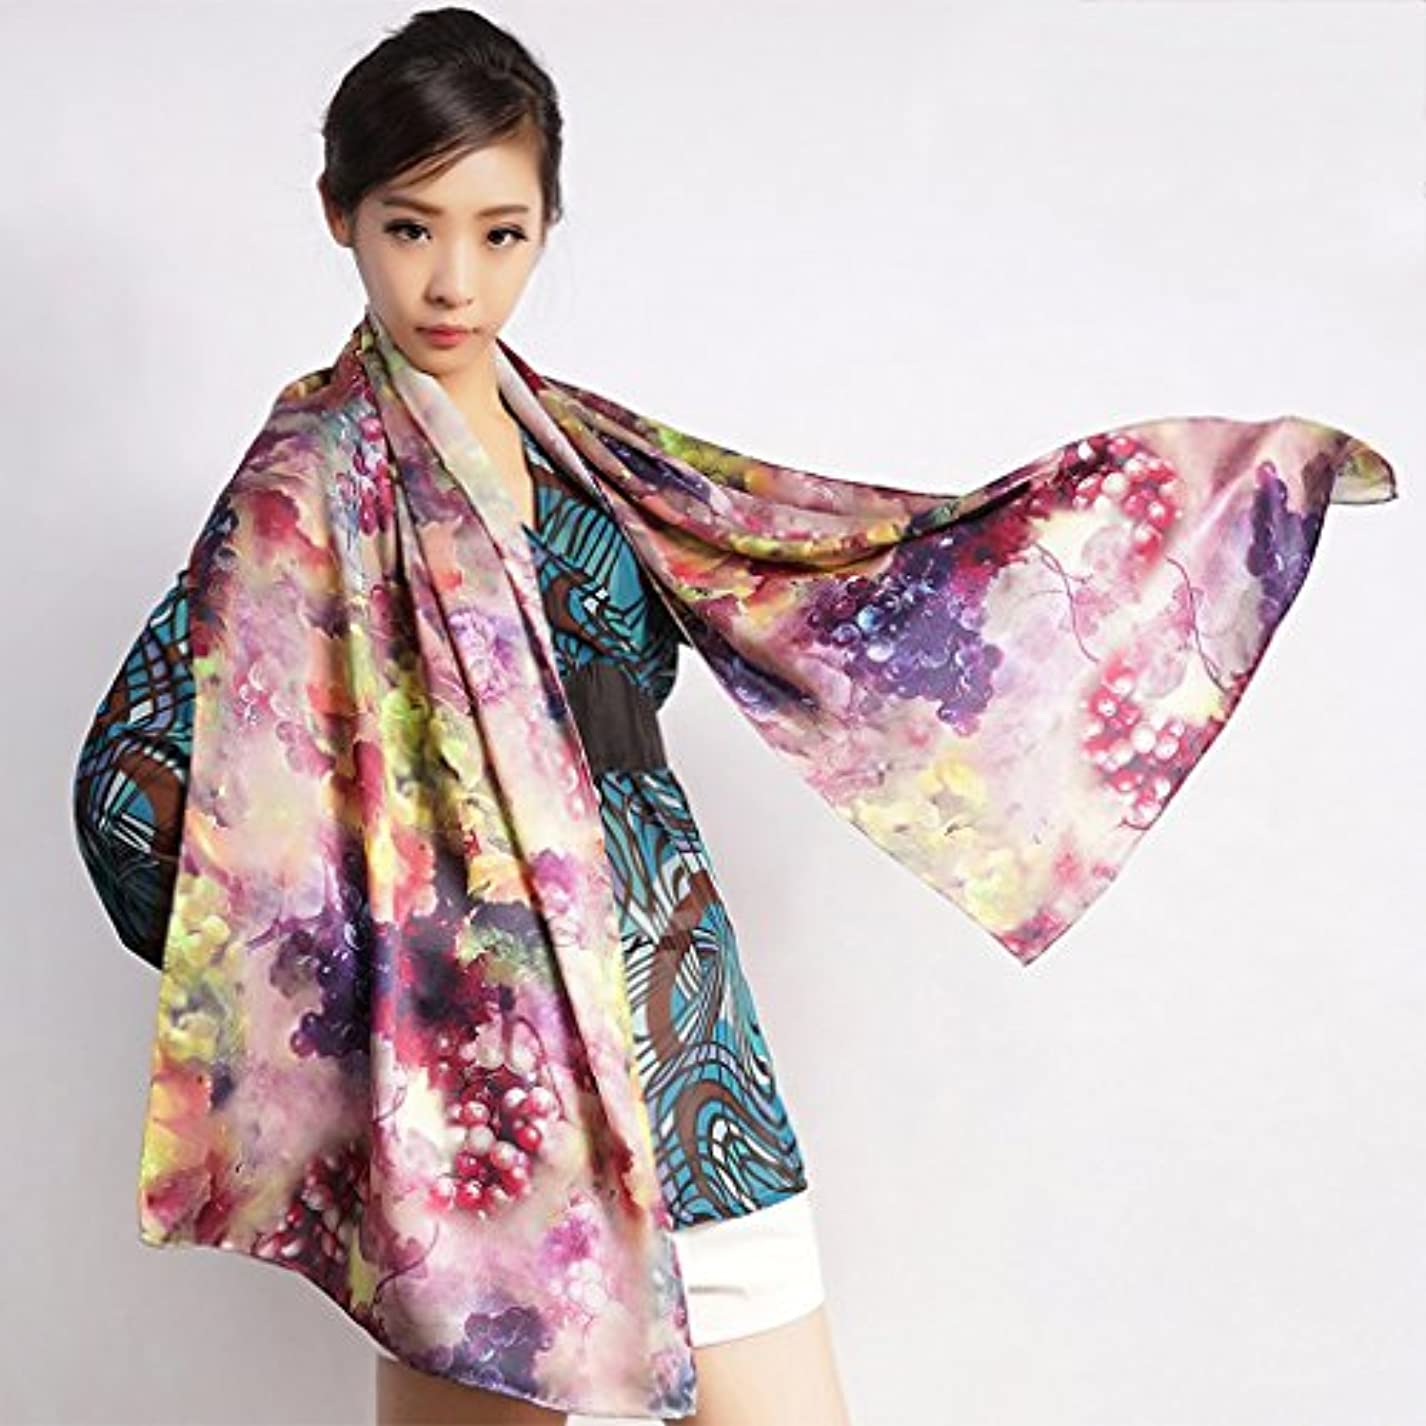 想起くびれた近くGAODUZI Ms. Scarf Scarvesファッションエレガントなフレッシュスカーフ